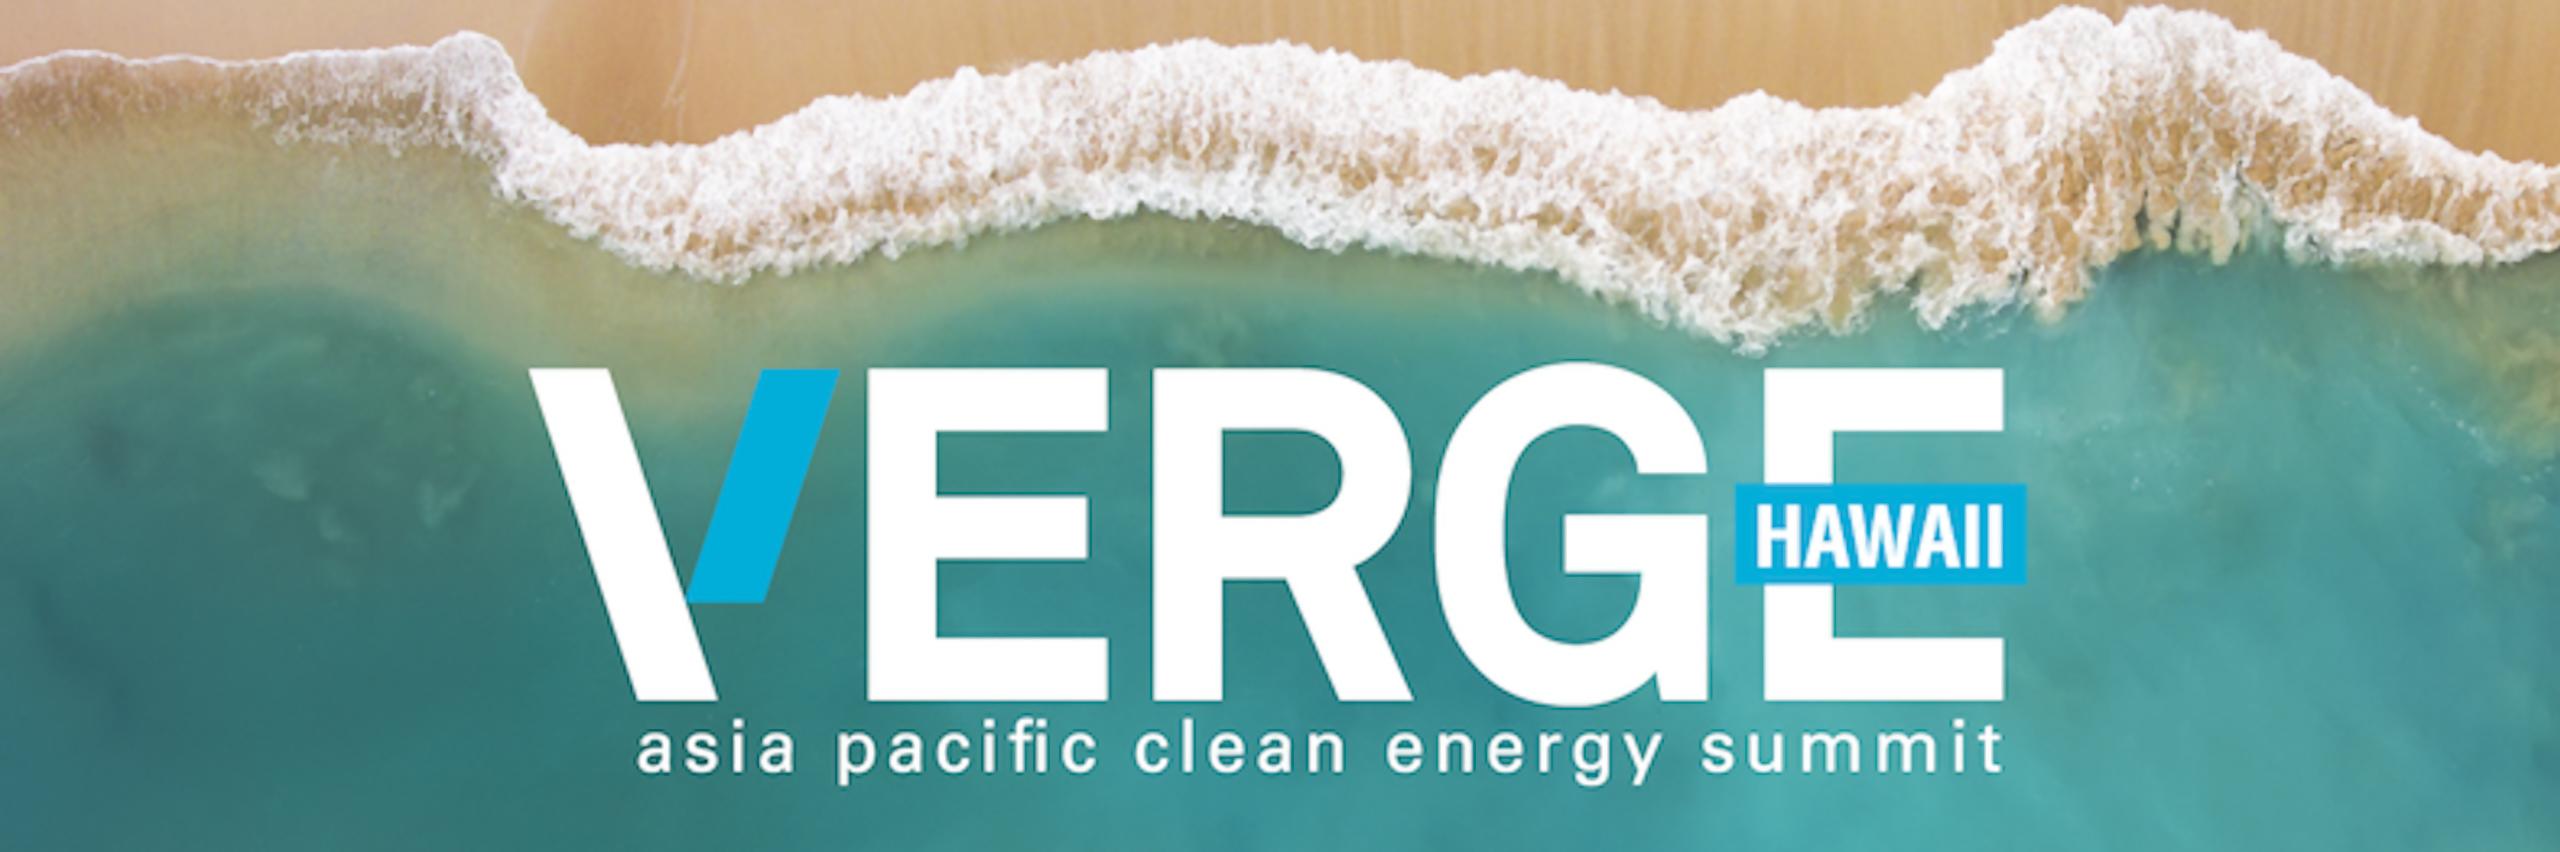 VERGE HAWAII la cumbre de energía limpia pacífica de Asia, en el que se compartirán experiencias y analizarán soluciones técnicas alrededor del tema.